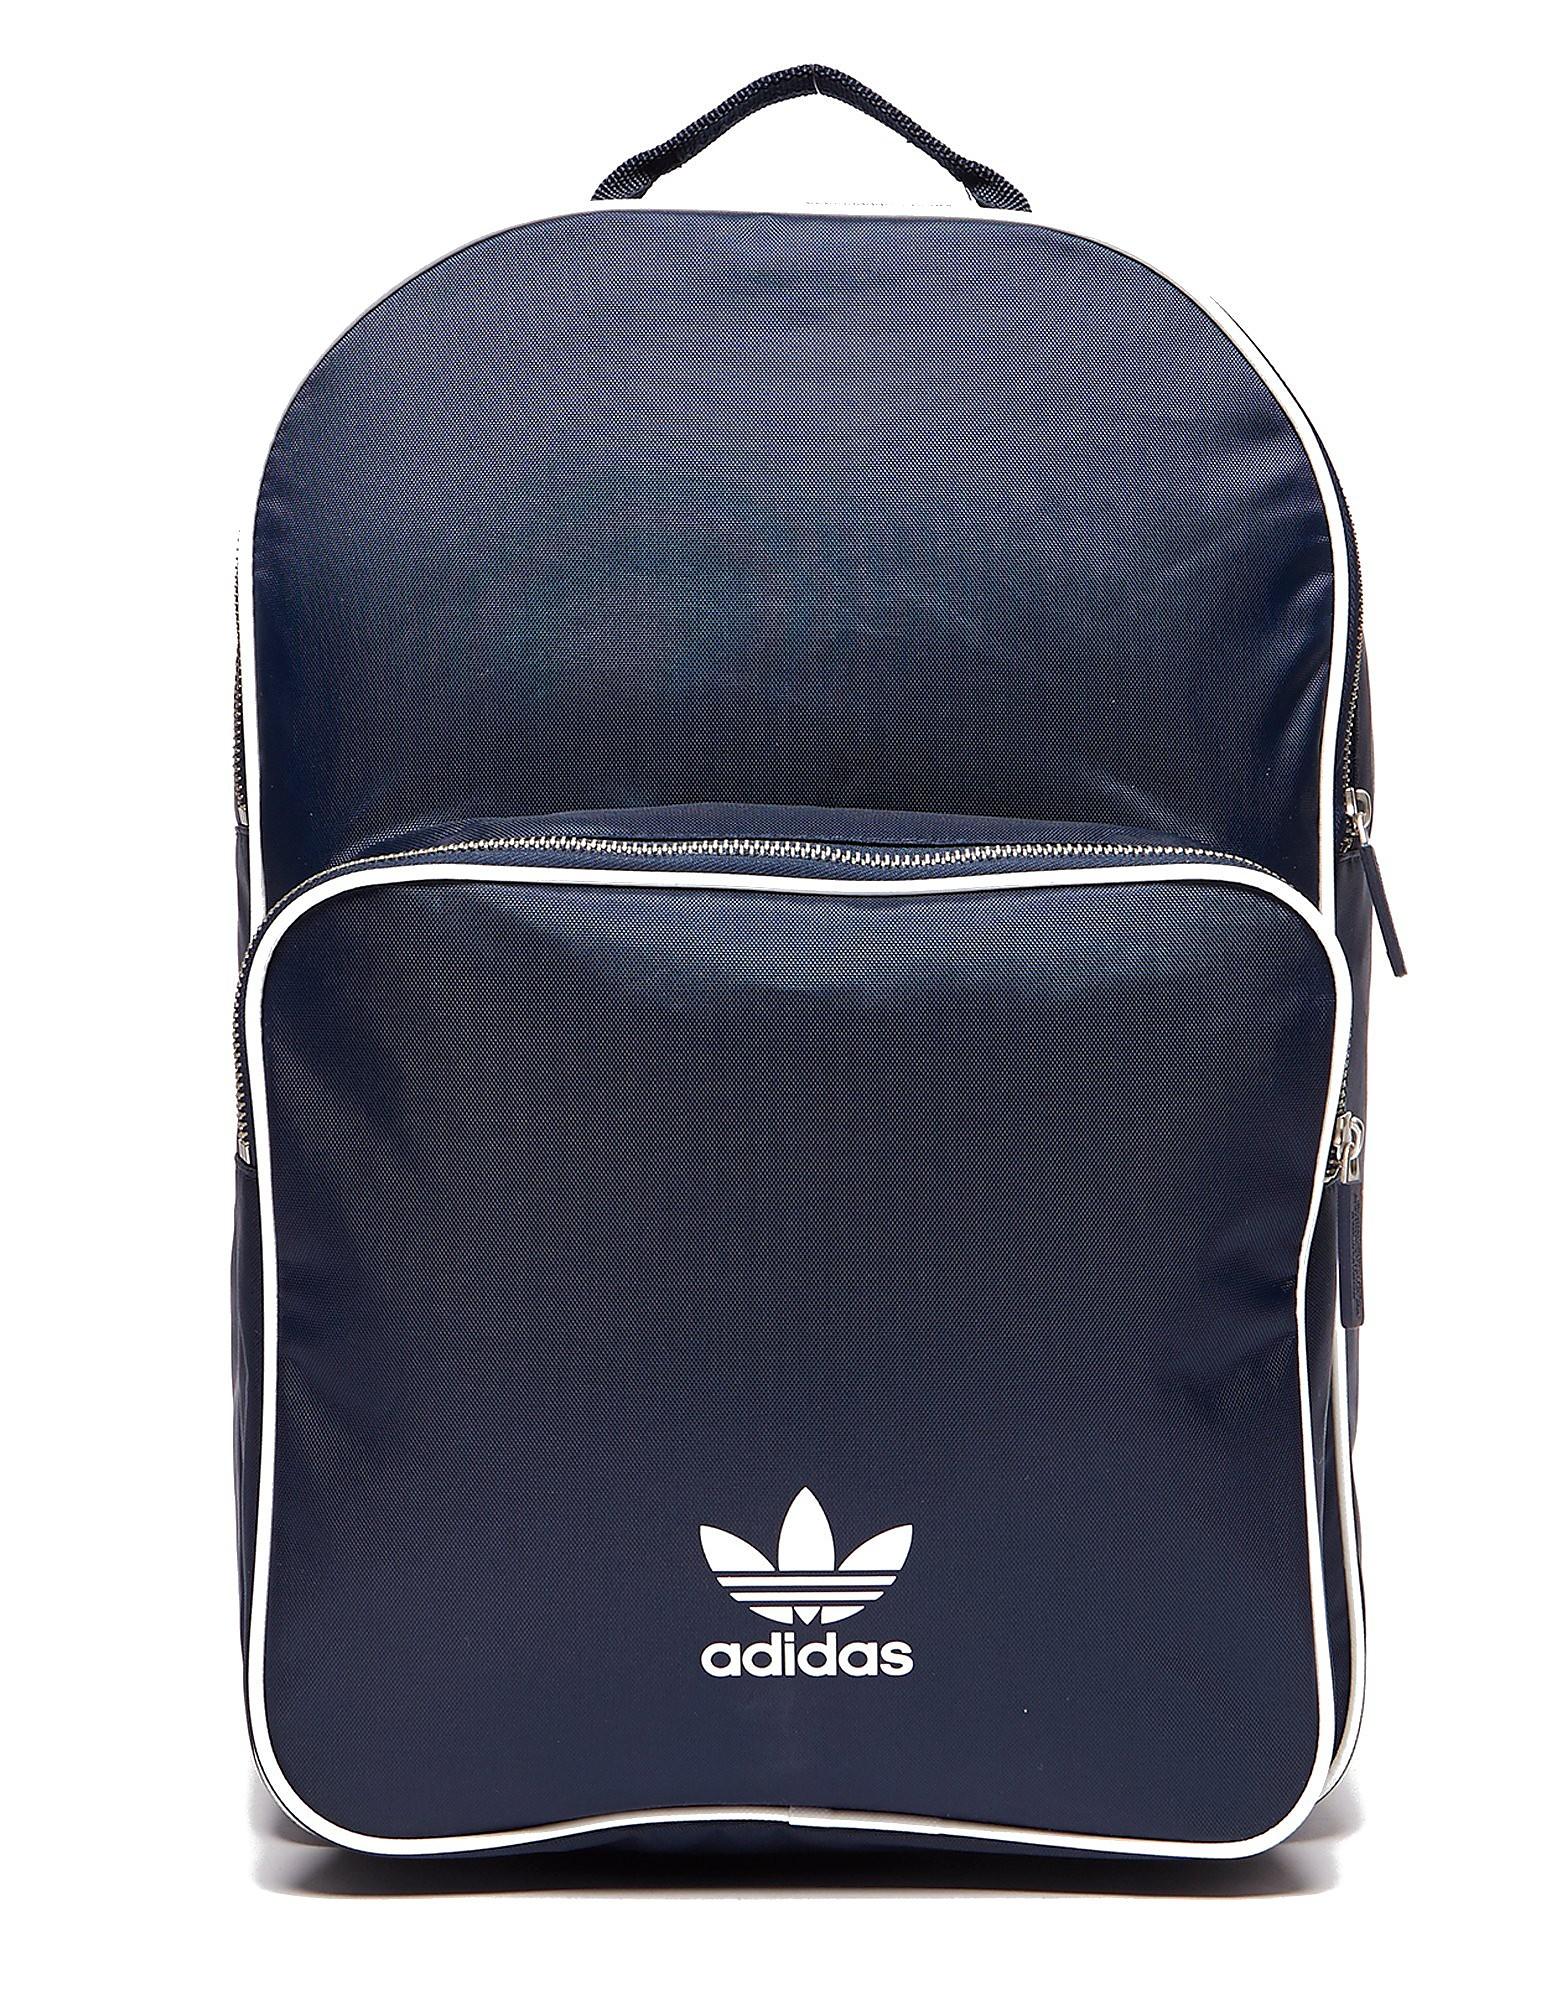 adidas Originals mochila Adicolor